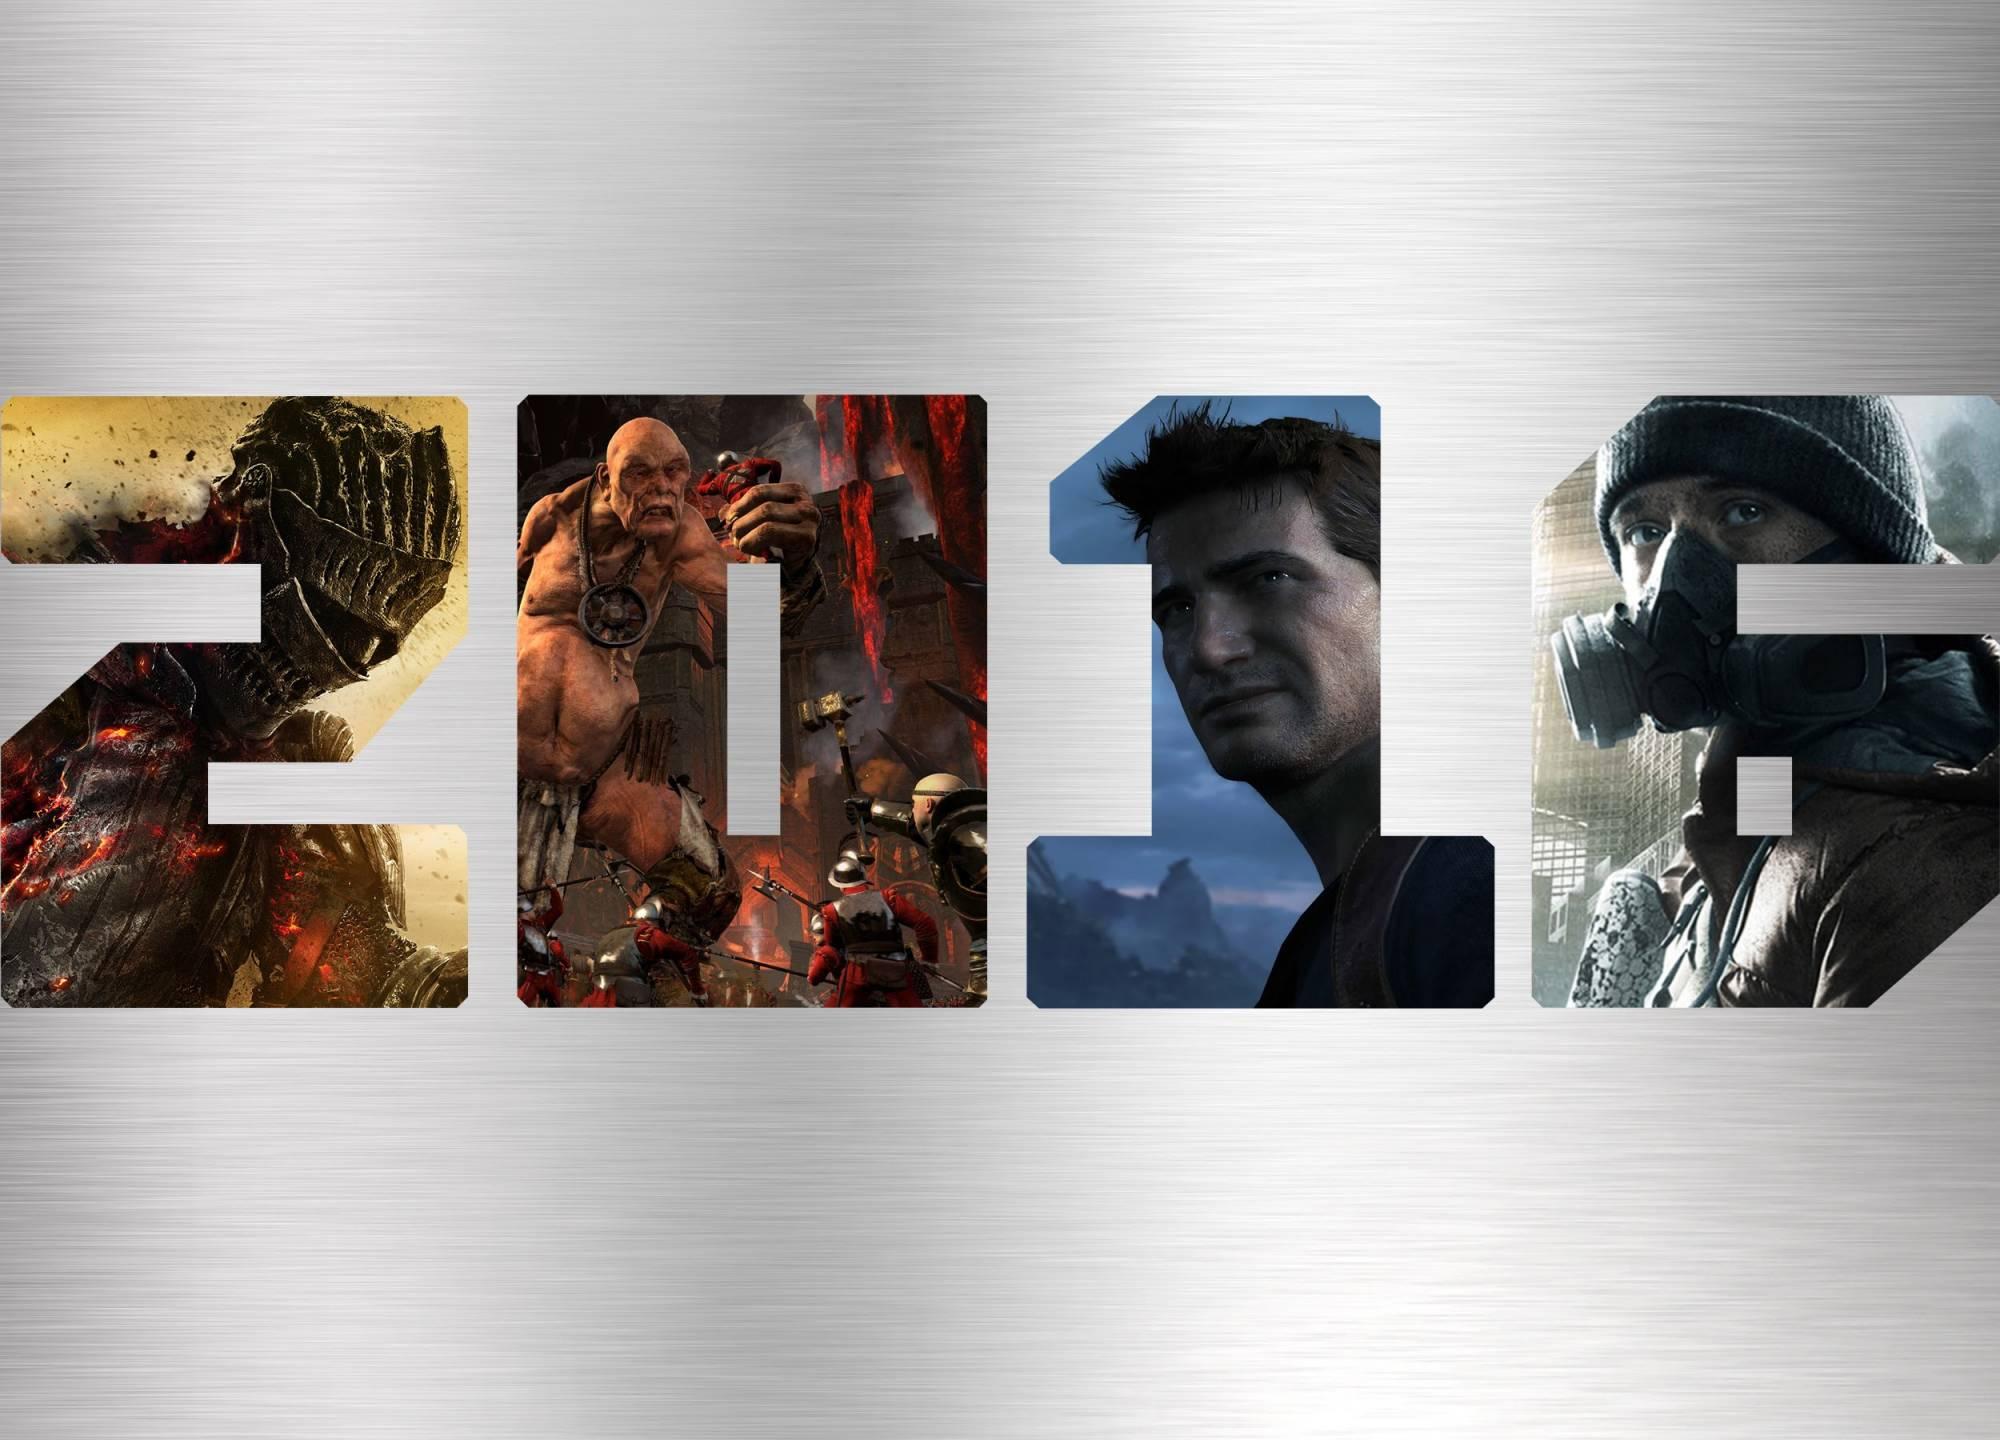 5 ожидаемых игр 2016 года новости Новинки 2016г. Во что поиграть в 2016 году